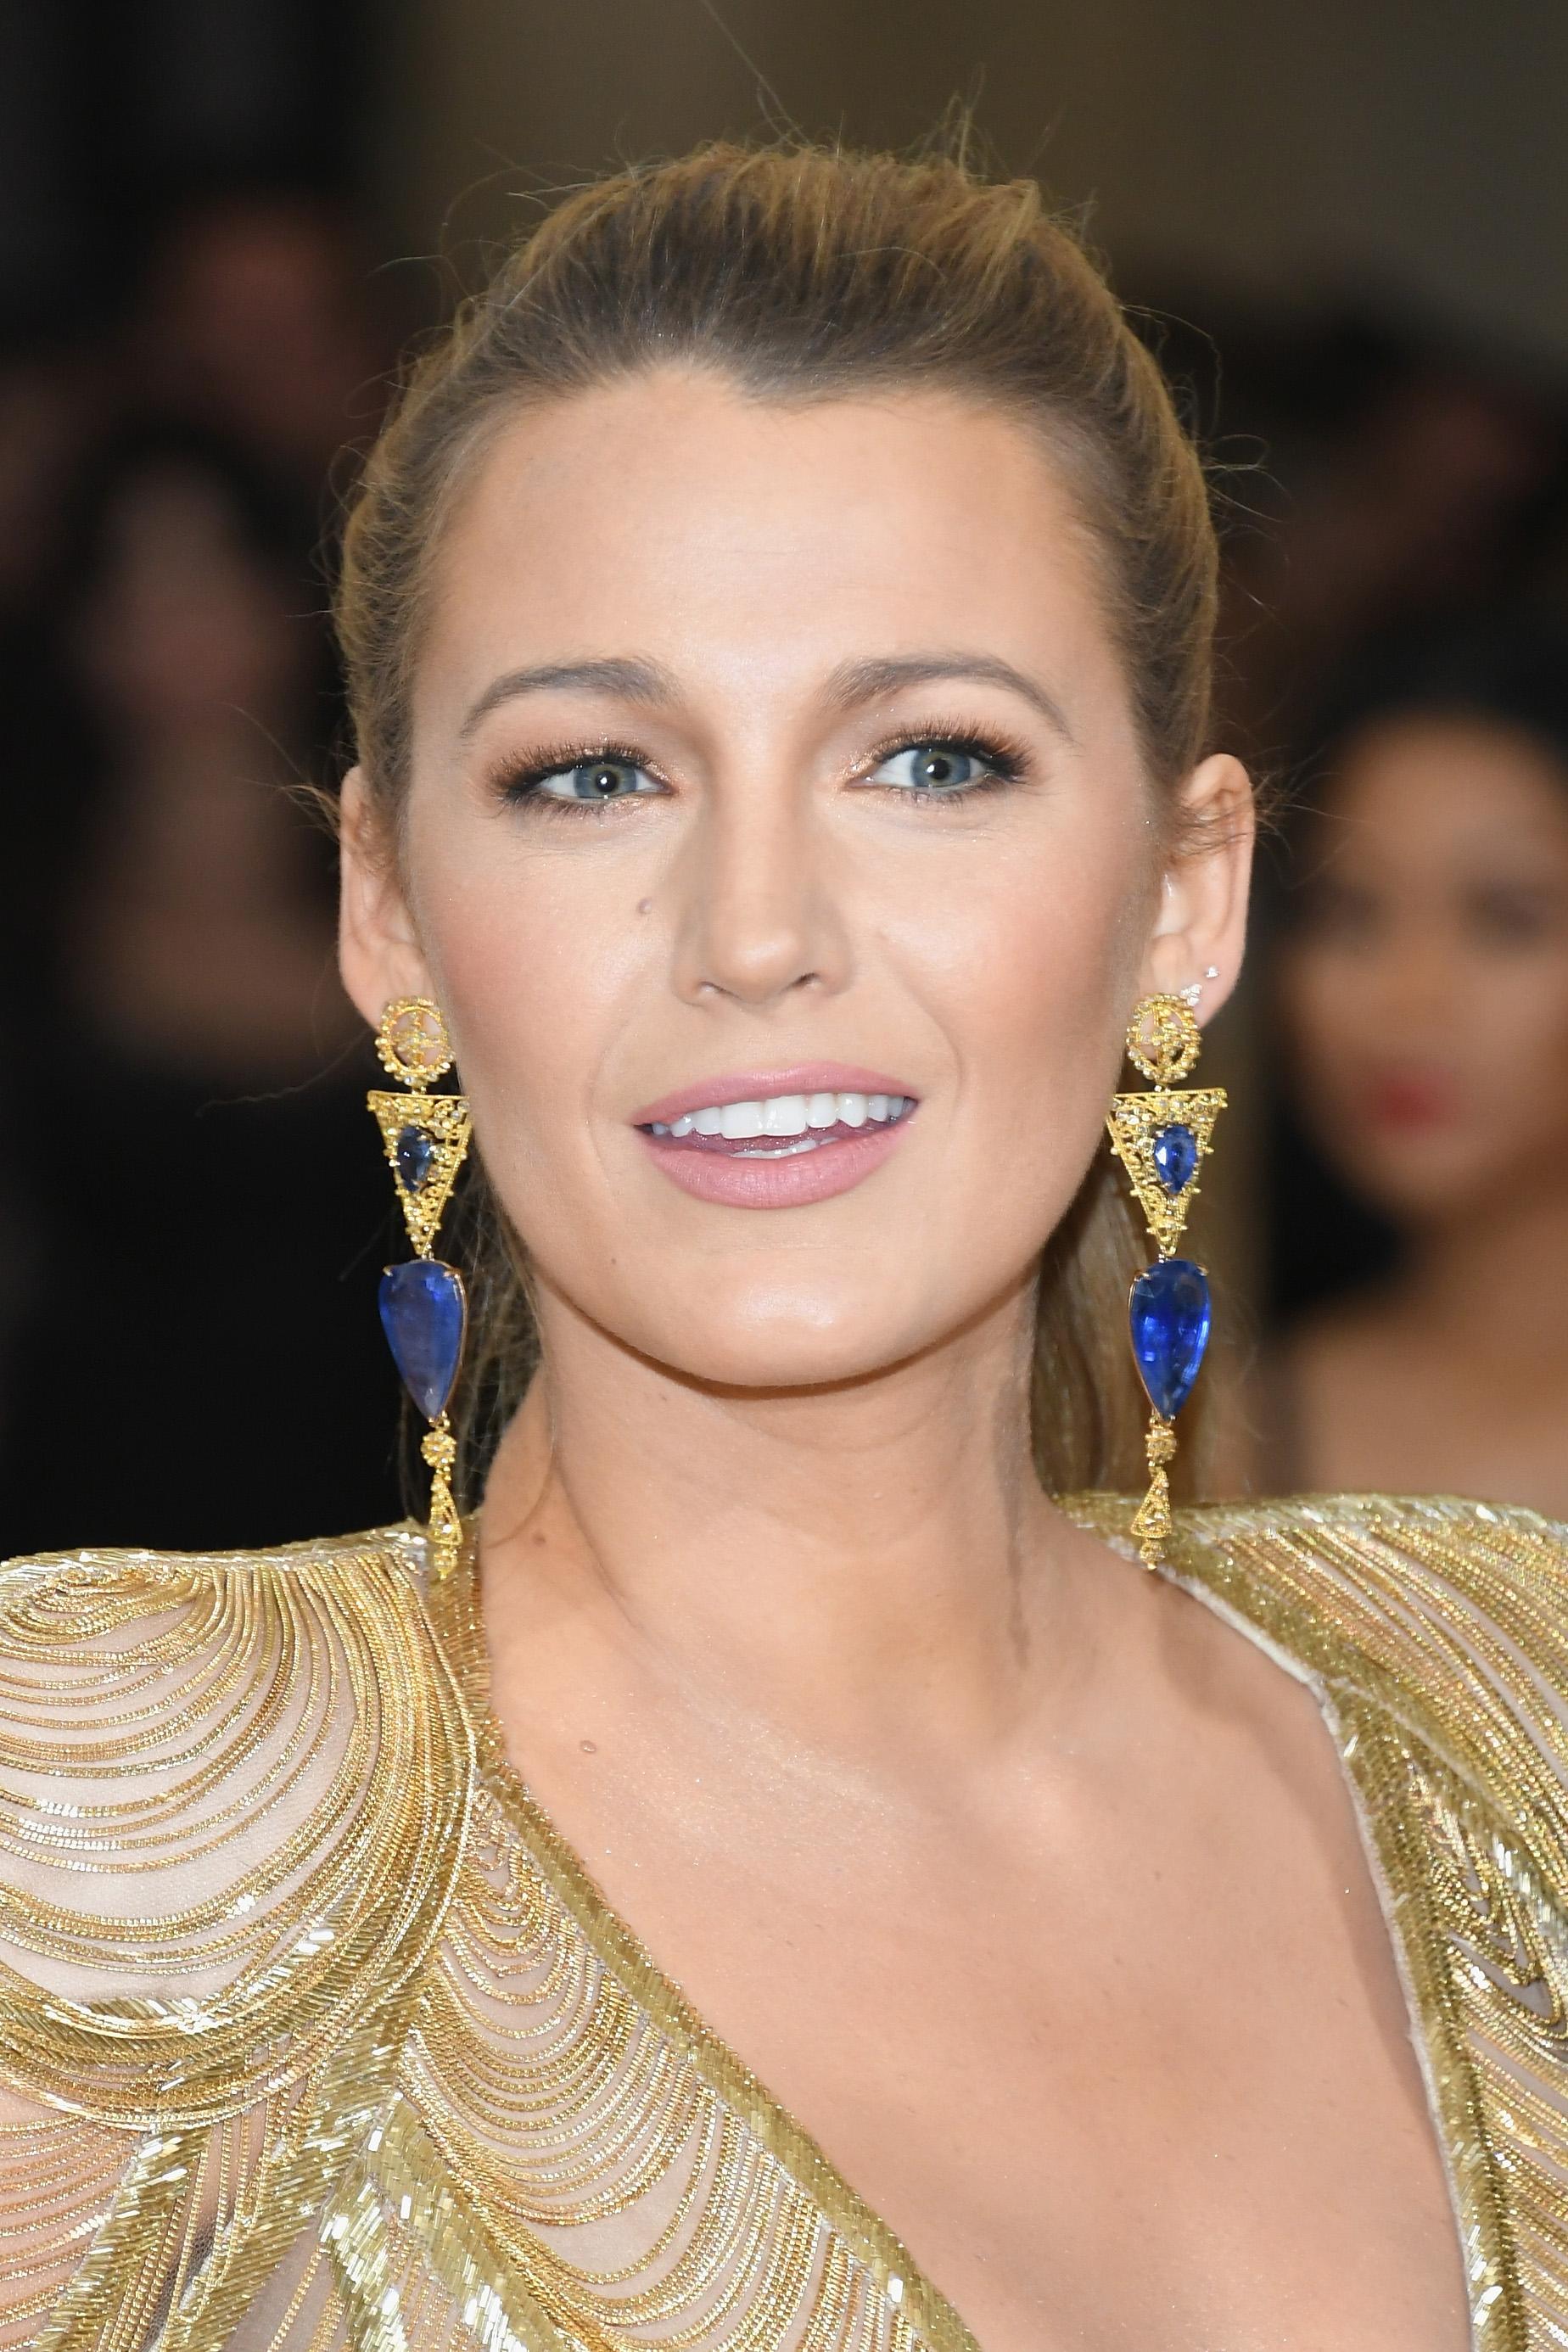 O makeup artist της Blake Lively χρησιμοποιεί το ρουζ με διαφορετικό τρόπο!